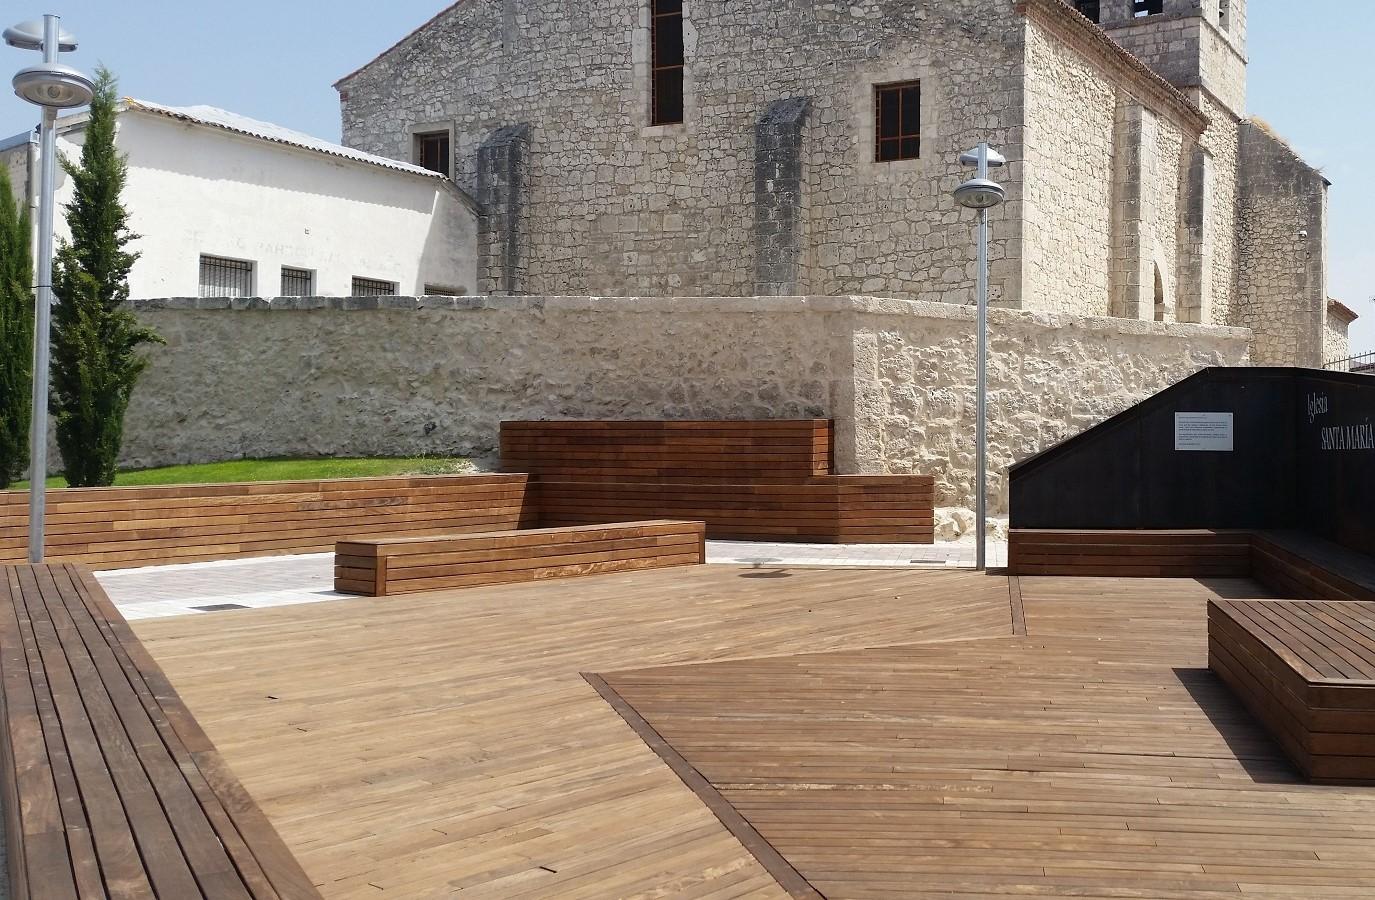 Proyectos Más Madera: Monumento Iglesia de Íscar en Valladolid